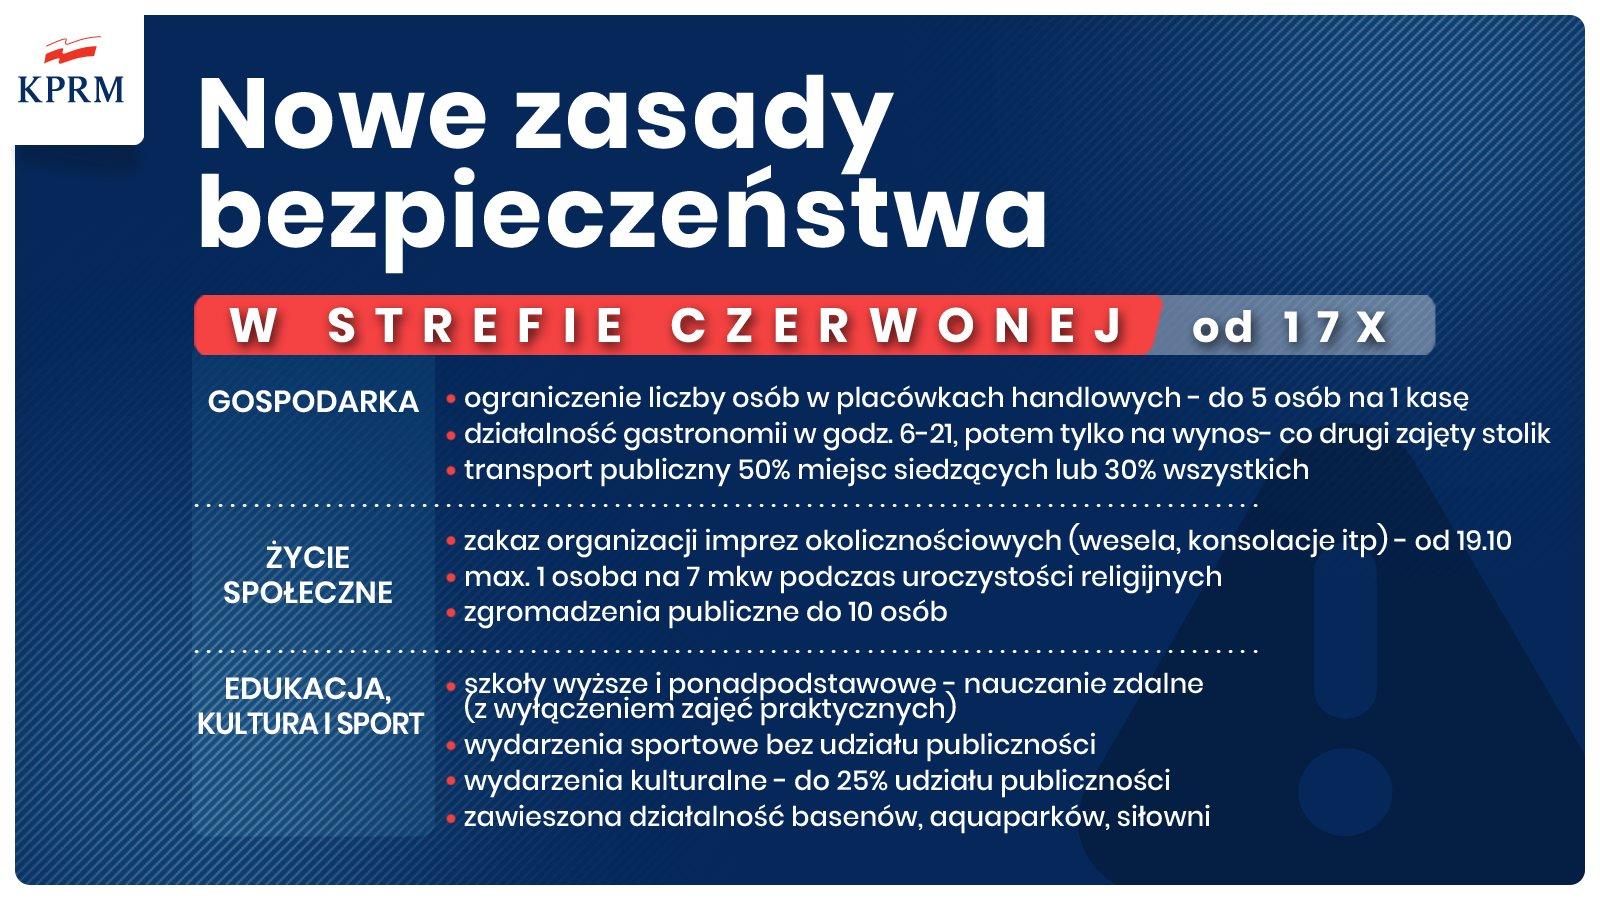 Od 17 października obowiązują nowe zasady bezpieczeństwa w strefie czerwonej